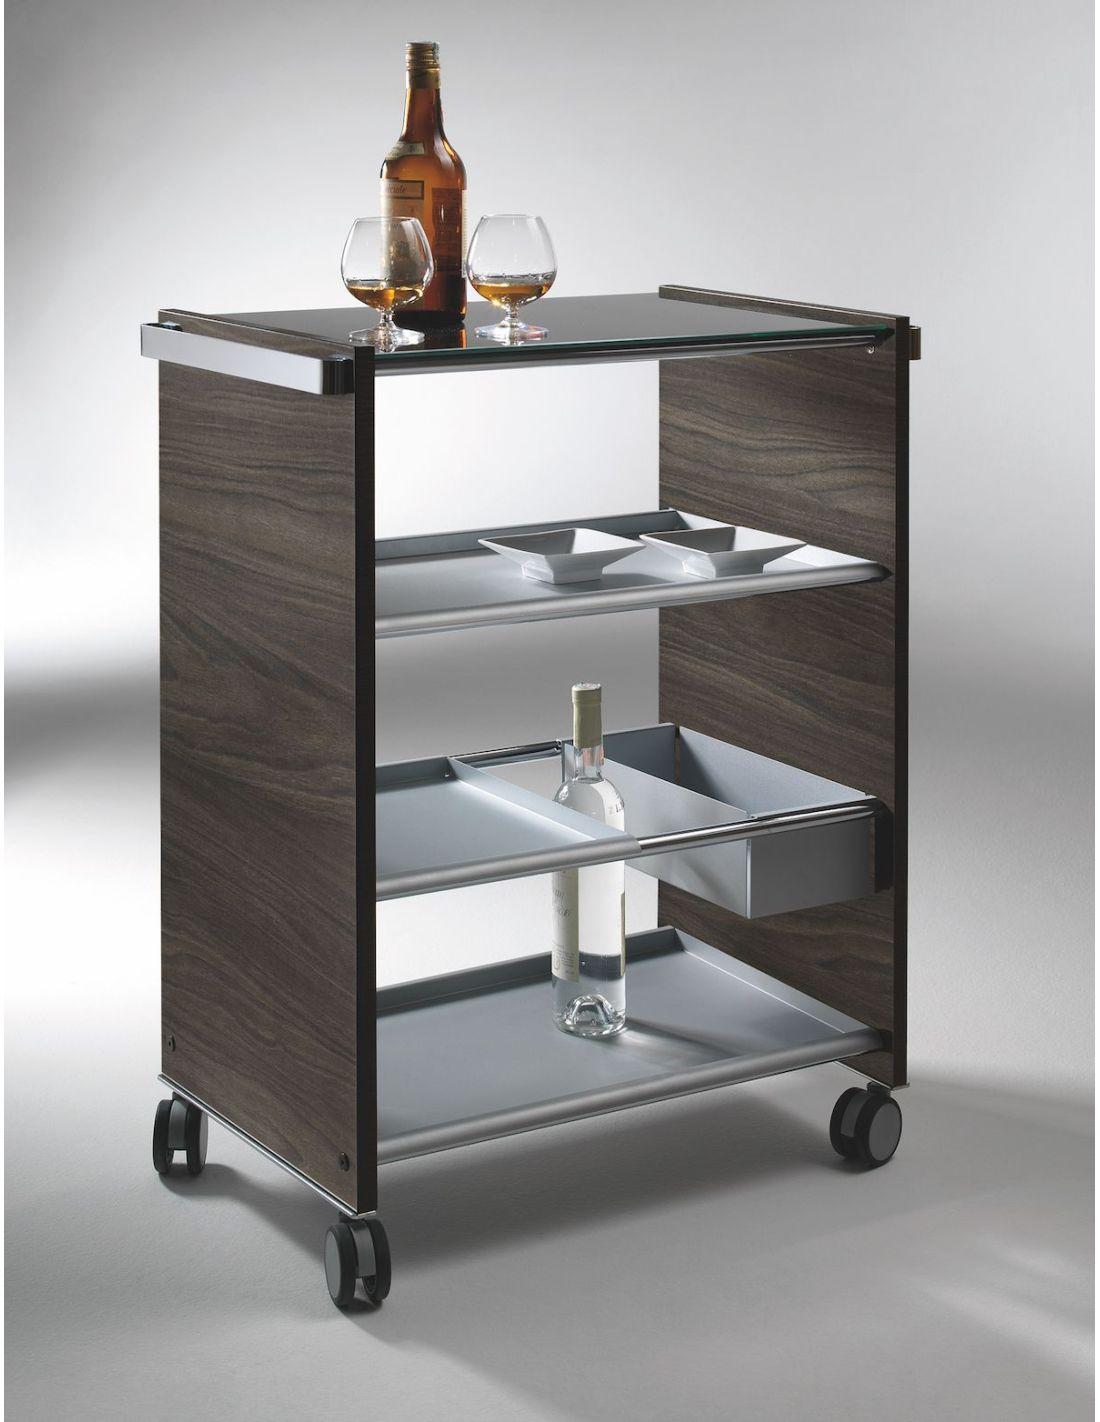 Service carrello di servizio multifunzione per cucina in - Carrello cucina mercatone uno ...